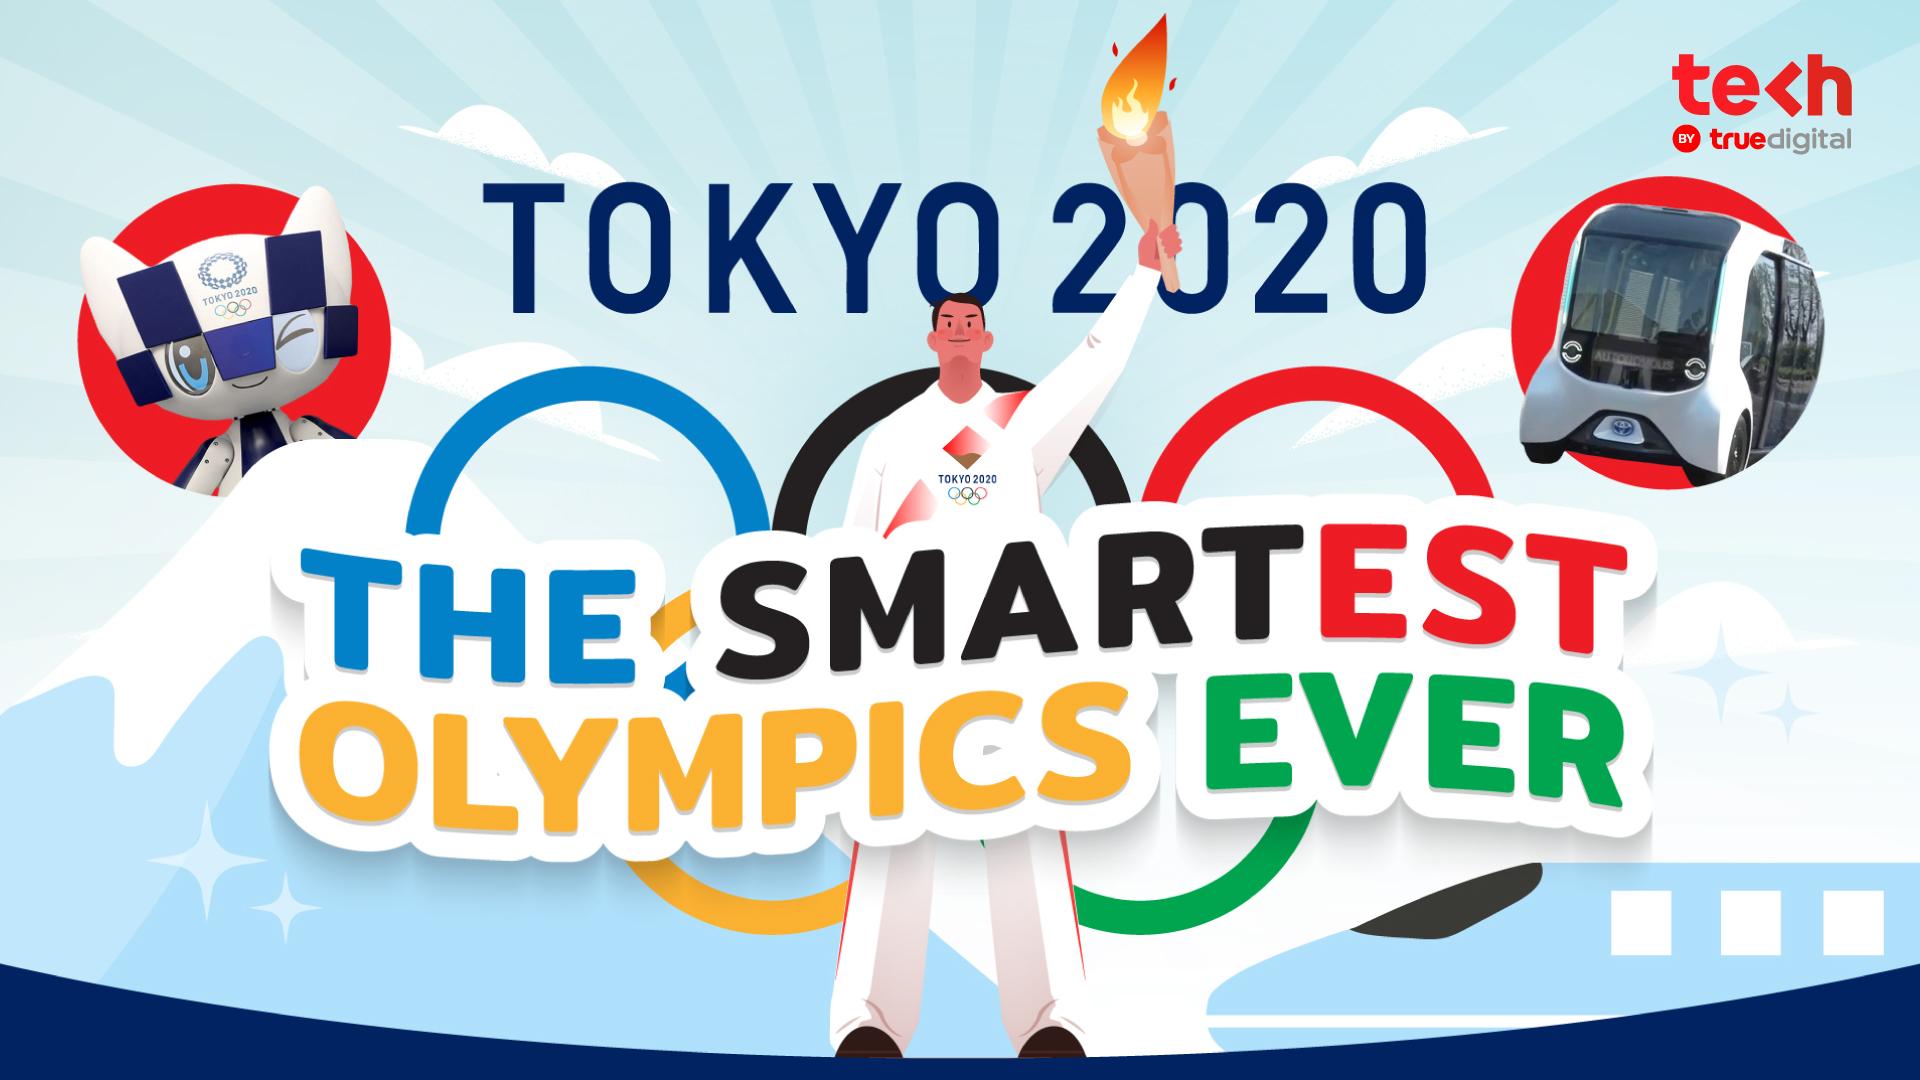 """หากไม่มีโควิด-19 ญี่ปุ่นเตรียมสร้างตำนาน """"The Smartest Olympics Ever""""ในโตเกียวโอลิมปิก 2020 อย่างไรบ้าง"""